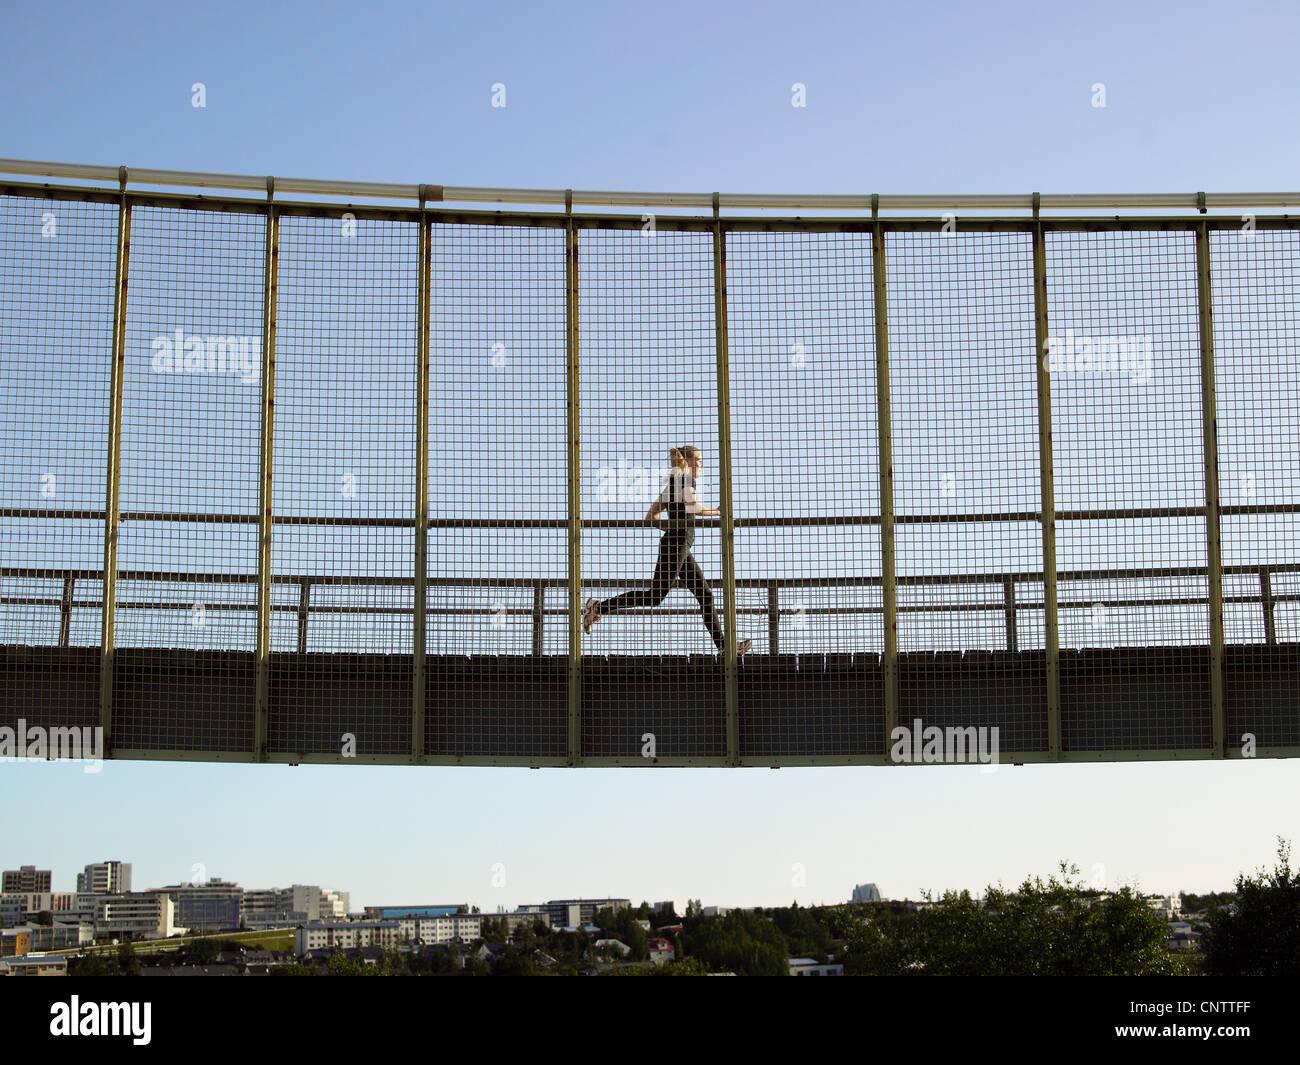 Runner crossing skybridge - Stock Image